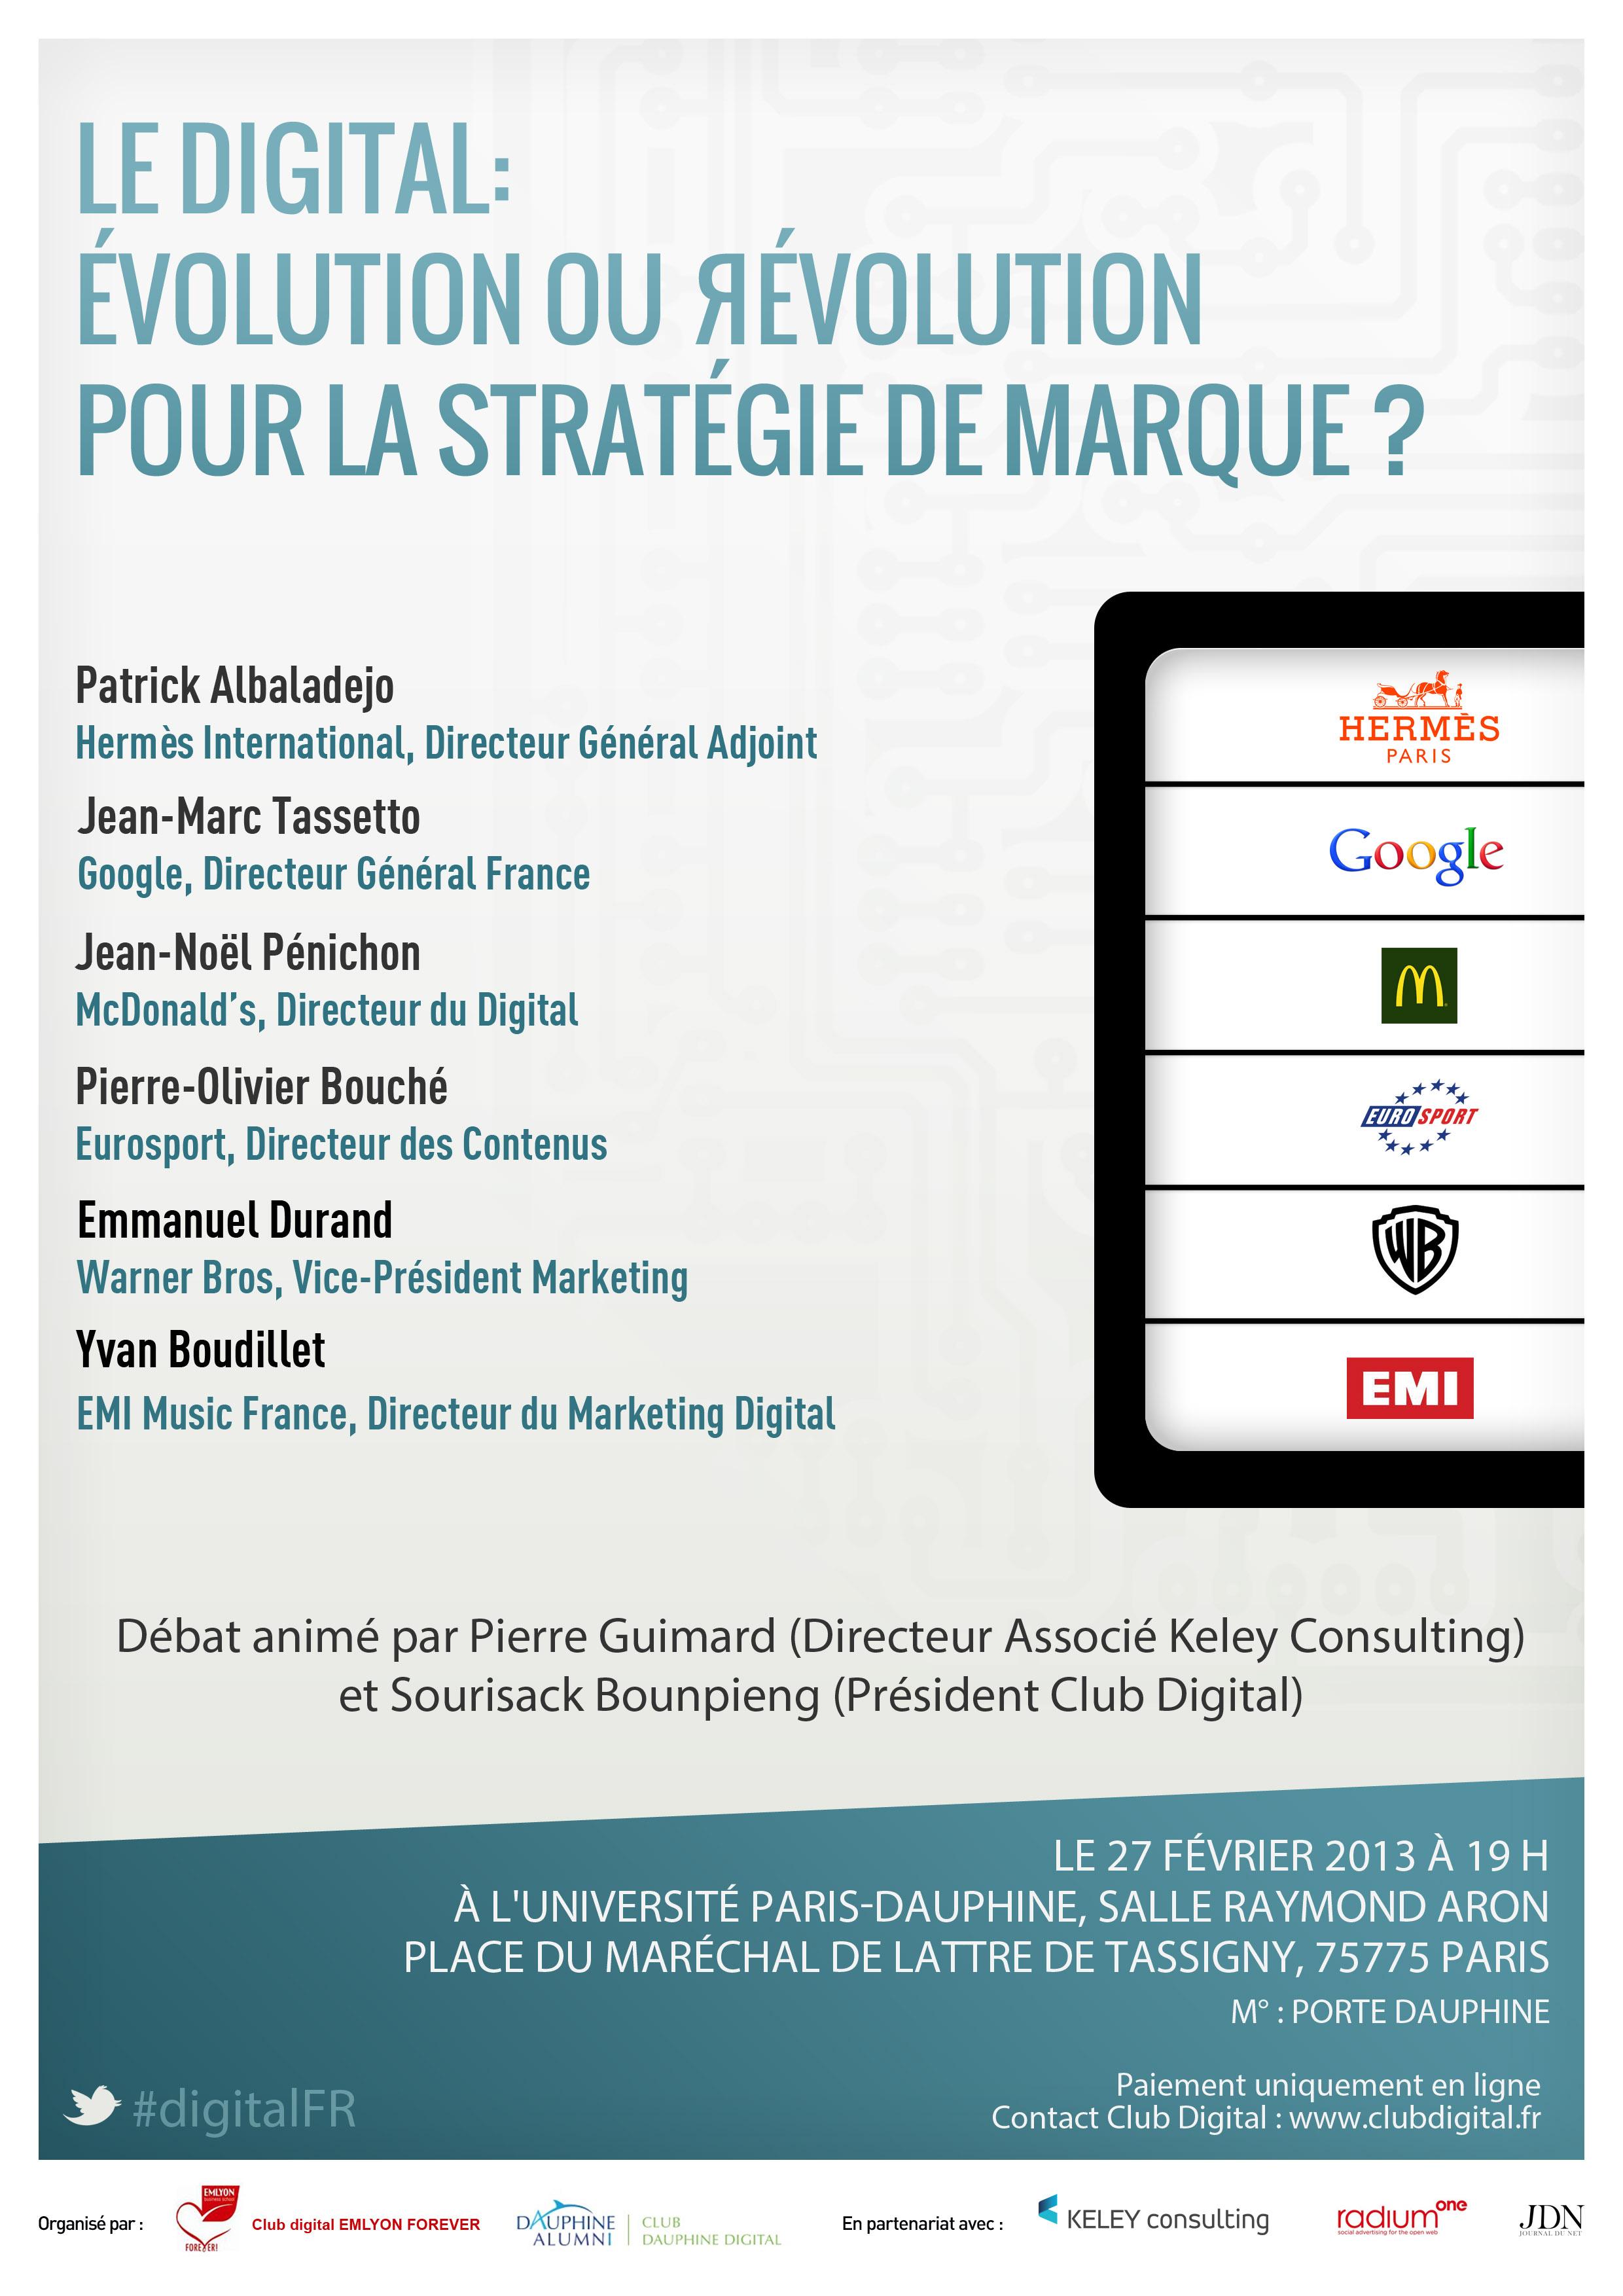 Conférence Club Digital : Le Digital : Évolution ou révolution pour la stratégie de marque ?